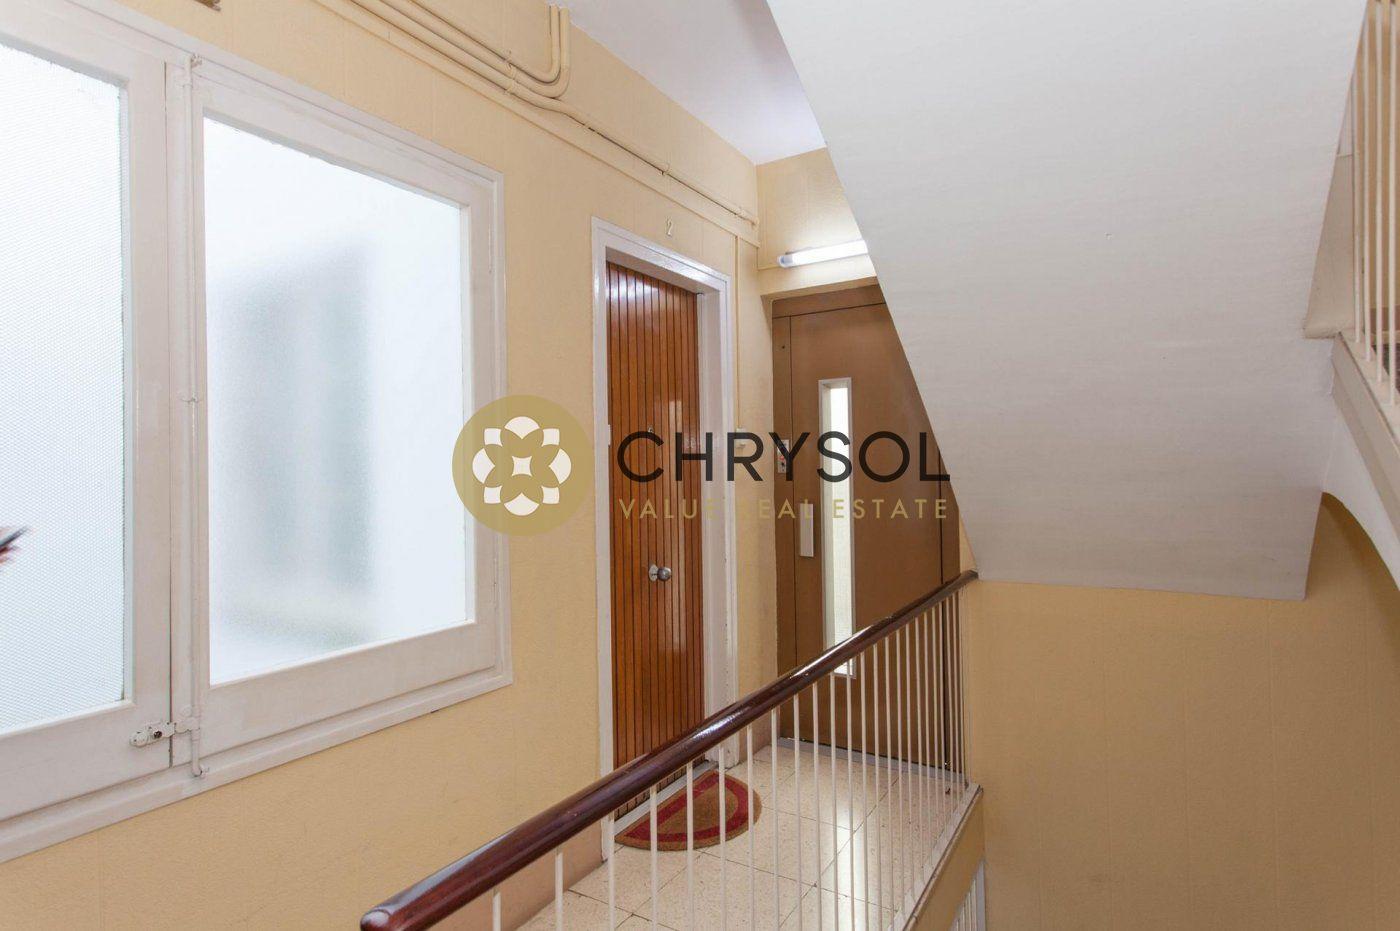 Fotogalería - 35 - Chrysol Value